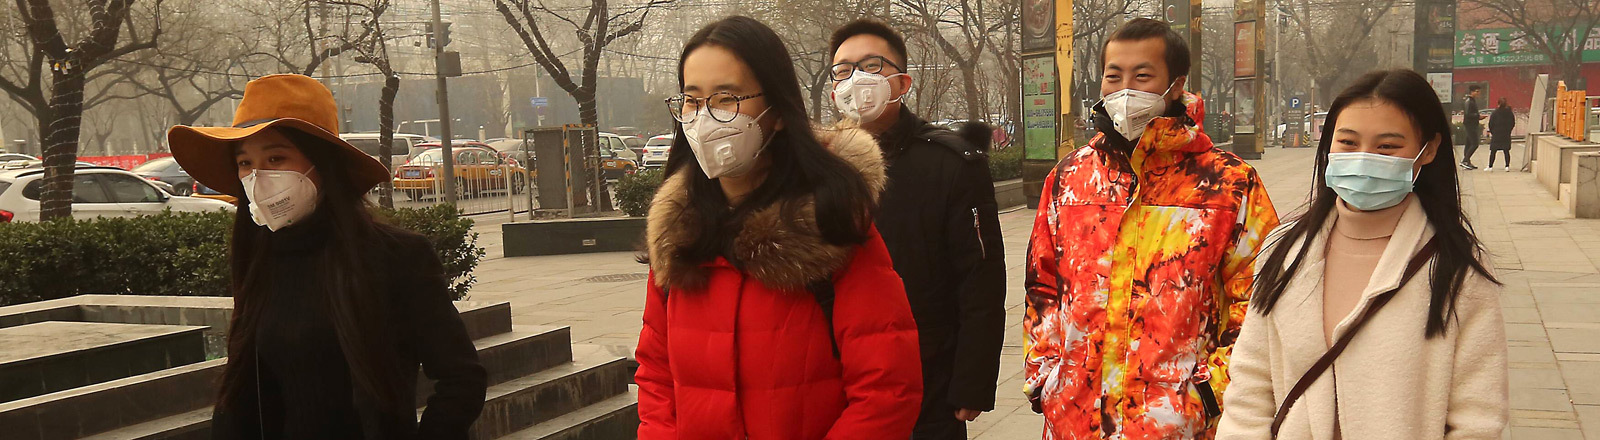 Junge Chinesen gehen eine Straße lang und tragen dabei Atemmasken.